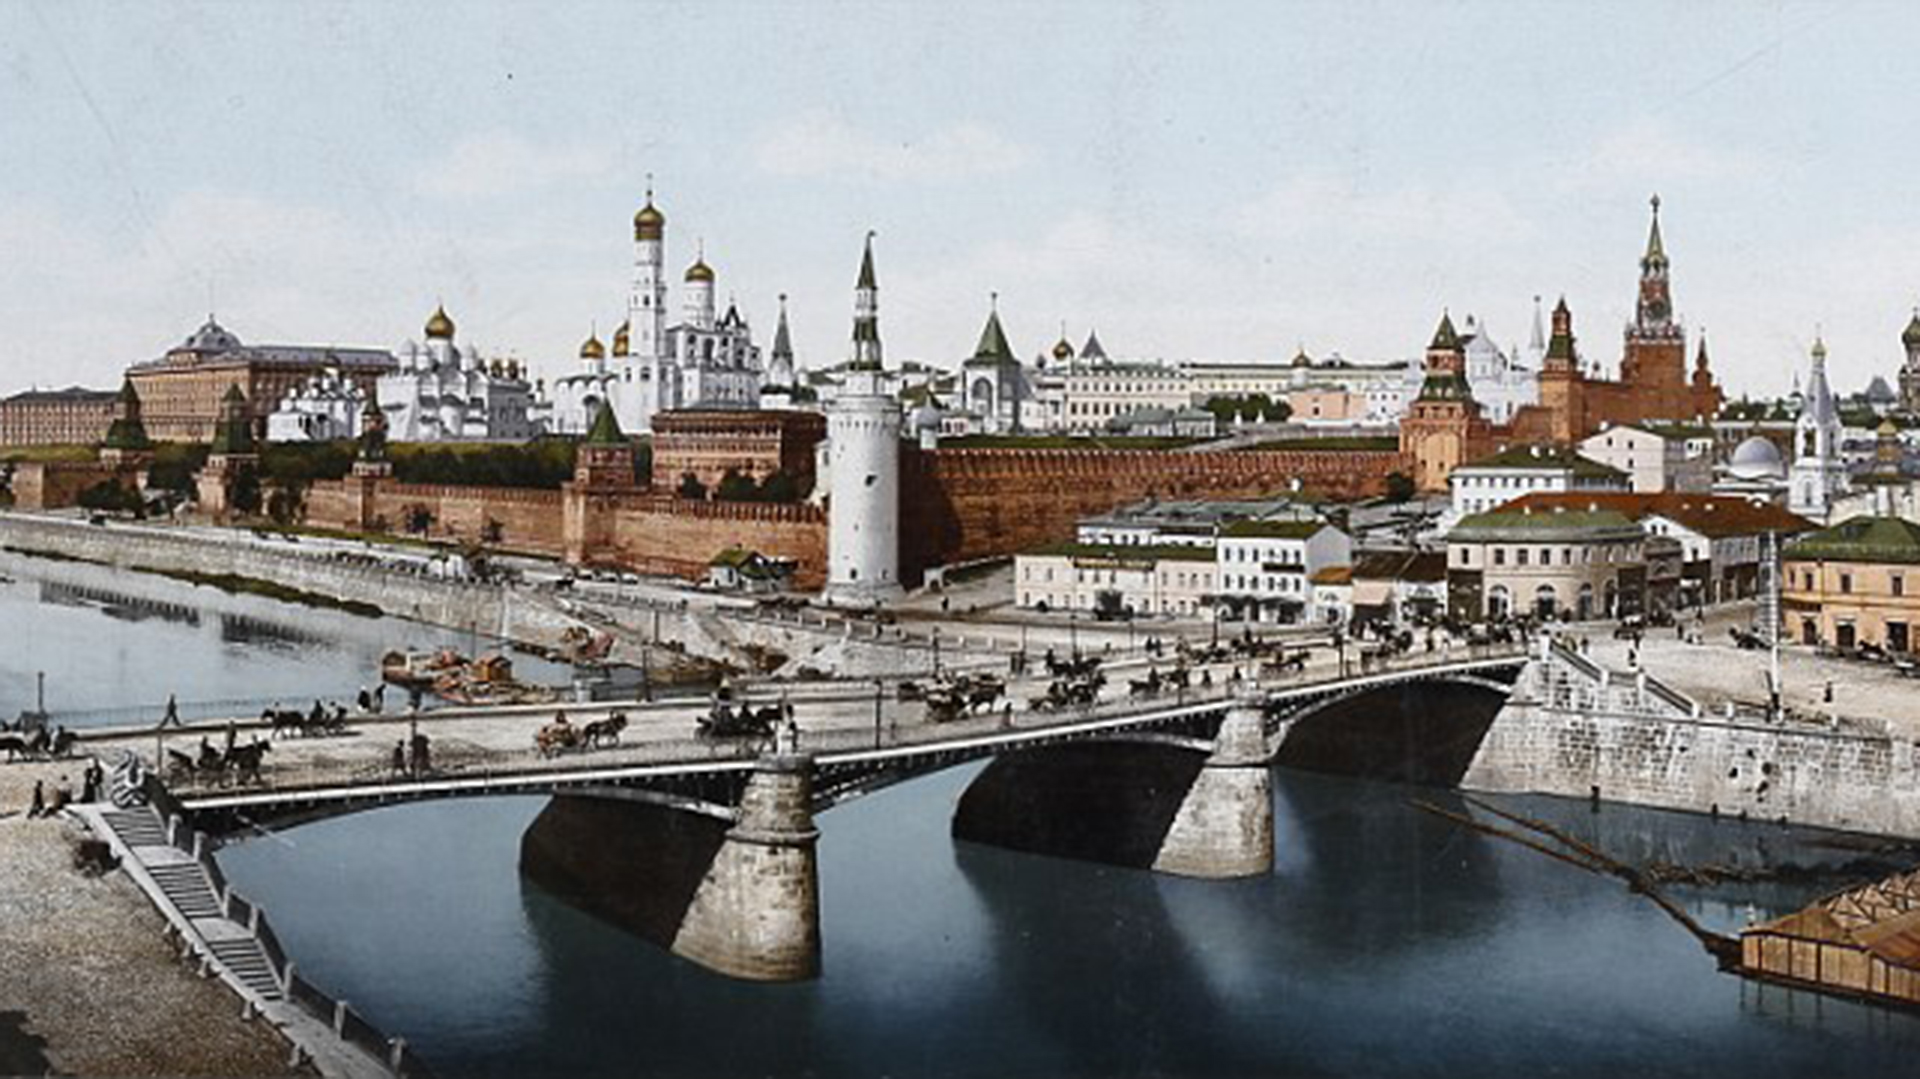 Moscú, hace un siglo. A lo lejos, puede observarse el Kremlin